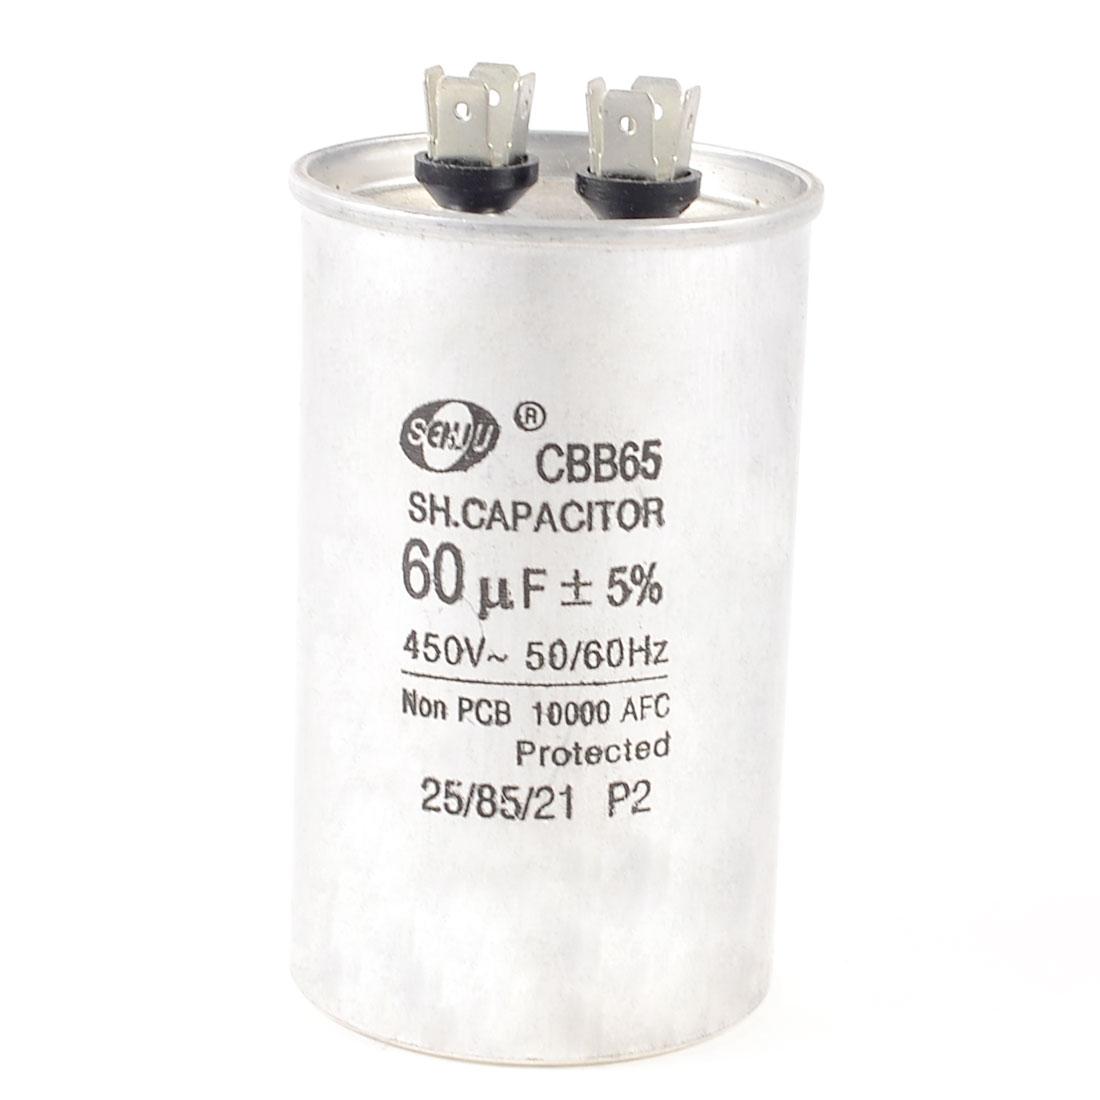 """CBB65A 450VAC 60uF 5% Non Polar Motor Running Capacitor Silver Tone 1.9"""""""